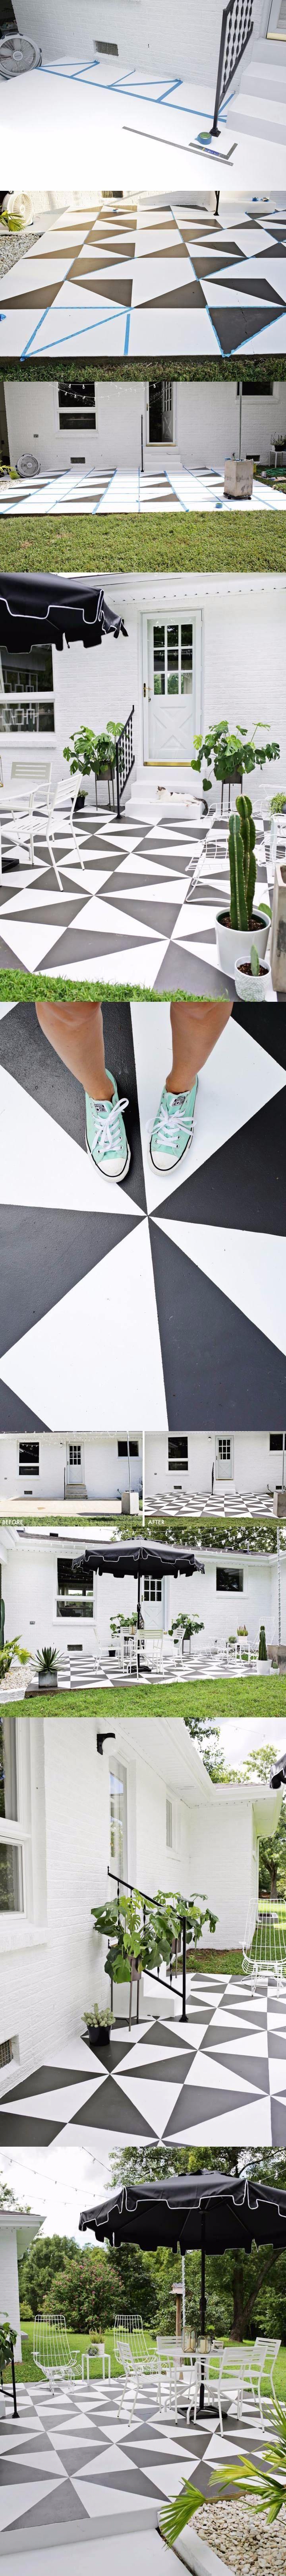 Dale un nuevo look a tu terraza pintando el piso / http://www.delikatissen.com